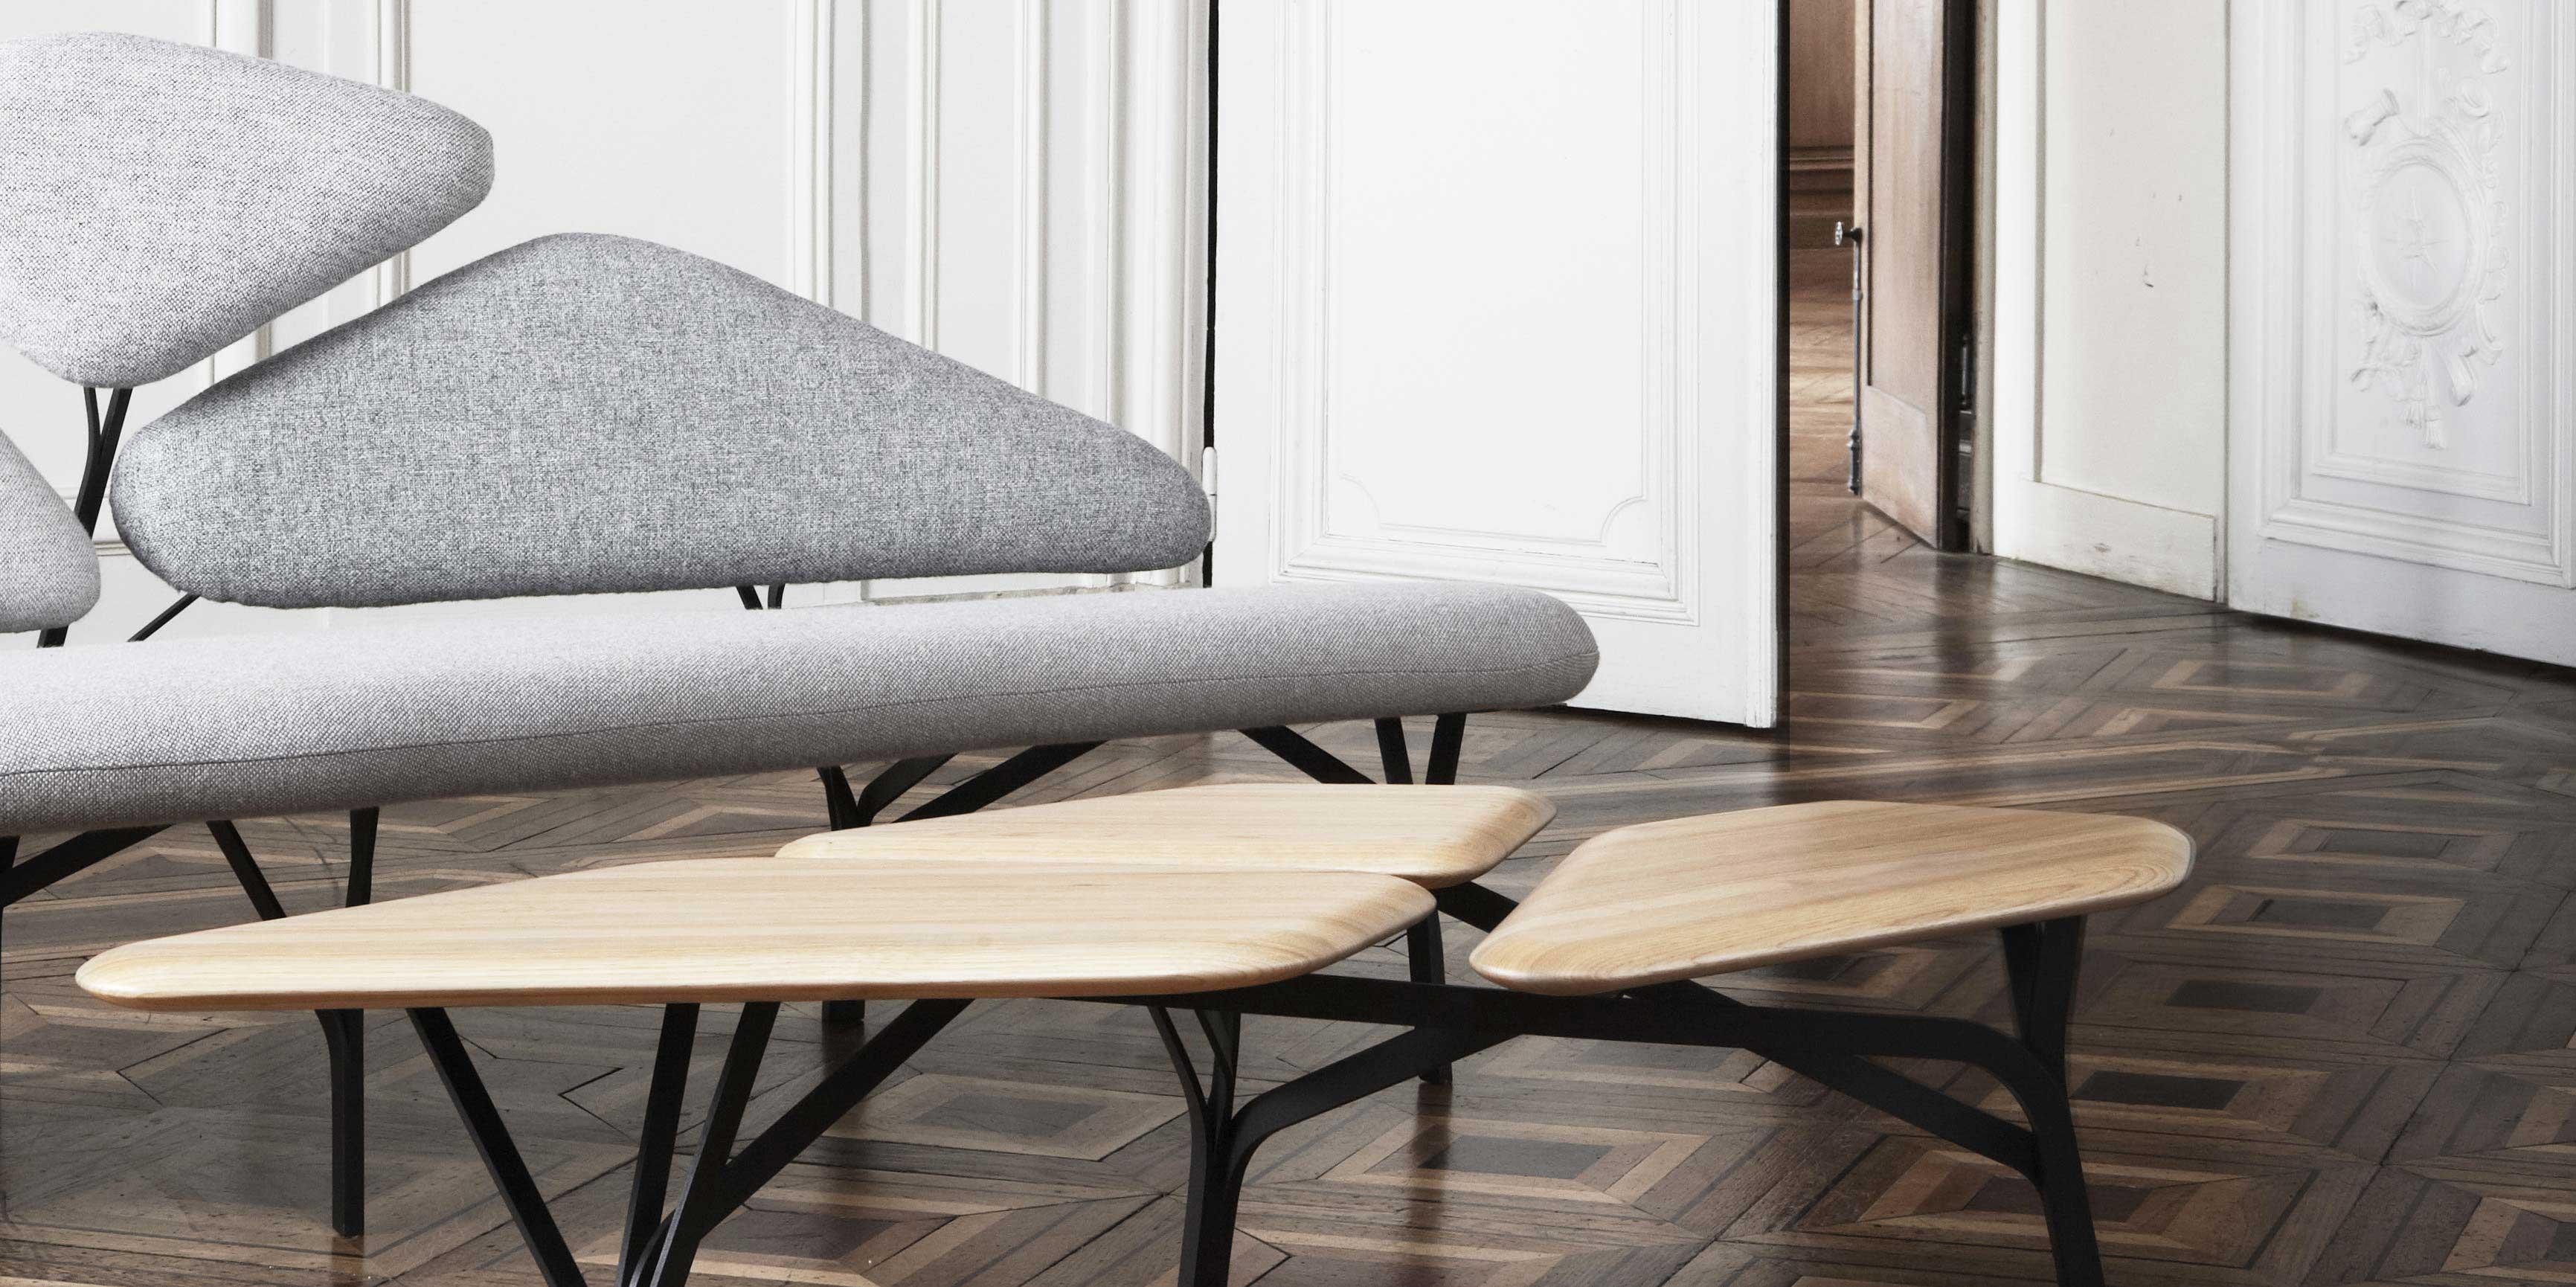 La Chance, maison d'édition française de mobilier